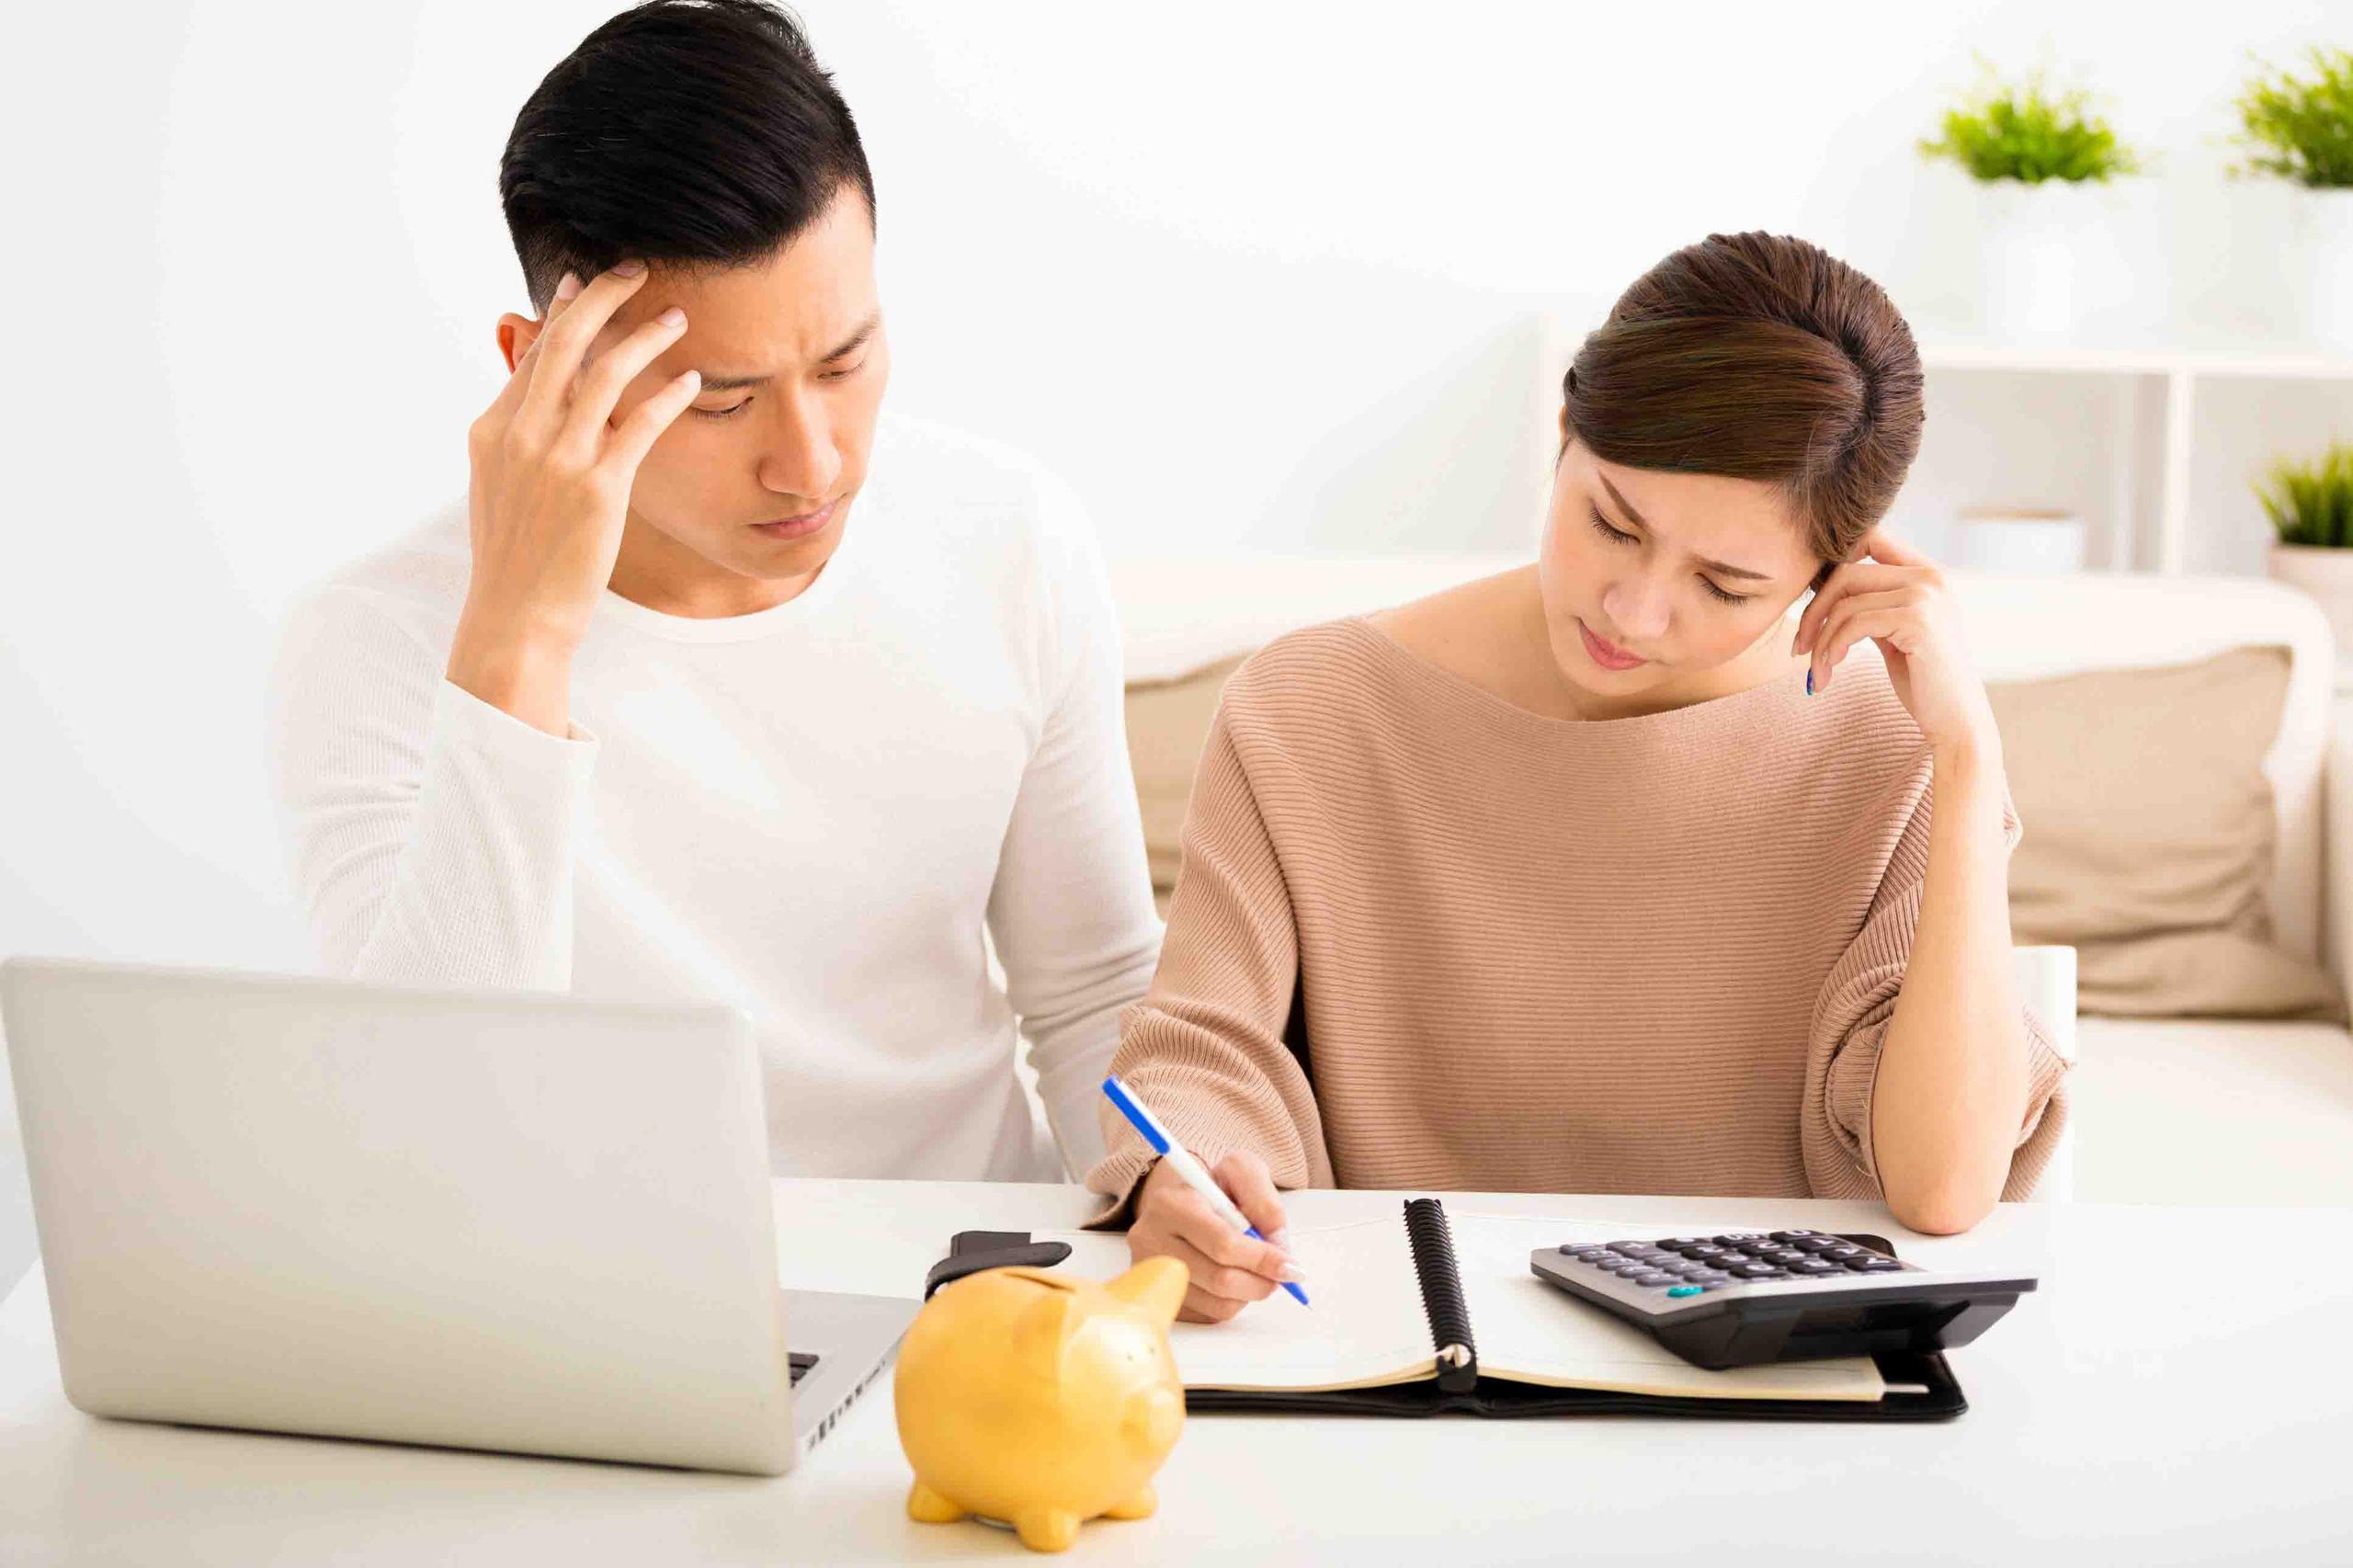 6 câu hỏi cần hỏi trước khi hợp nhất tài chính với bạn đời của bạn bất kể bạn yêu nhiều đến thế nào - Ảnh 4.